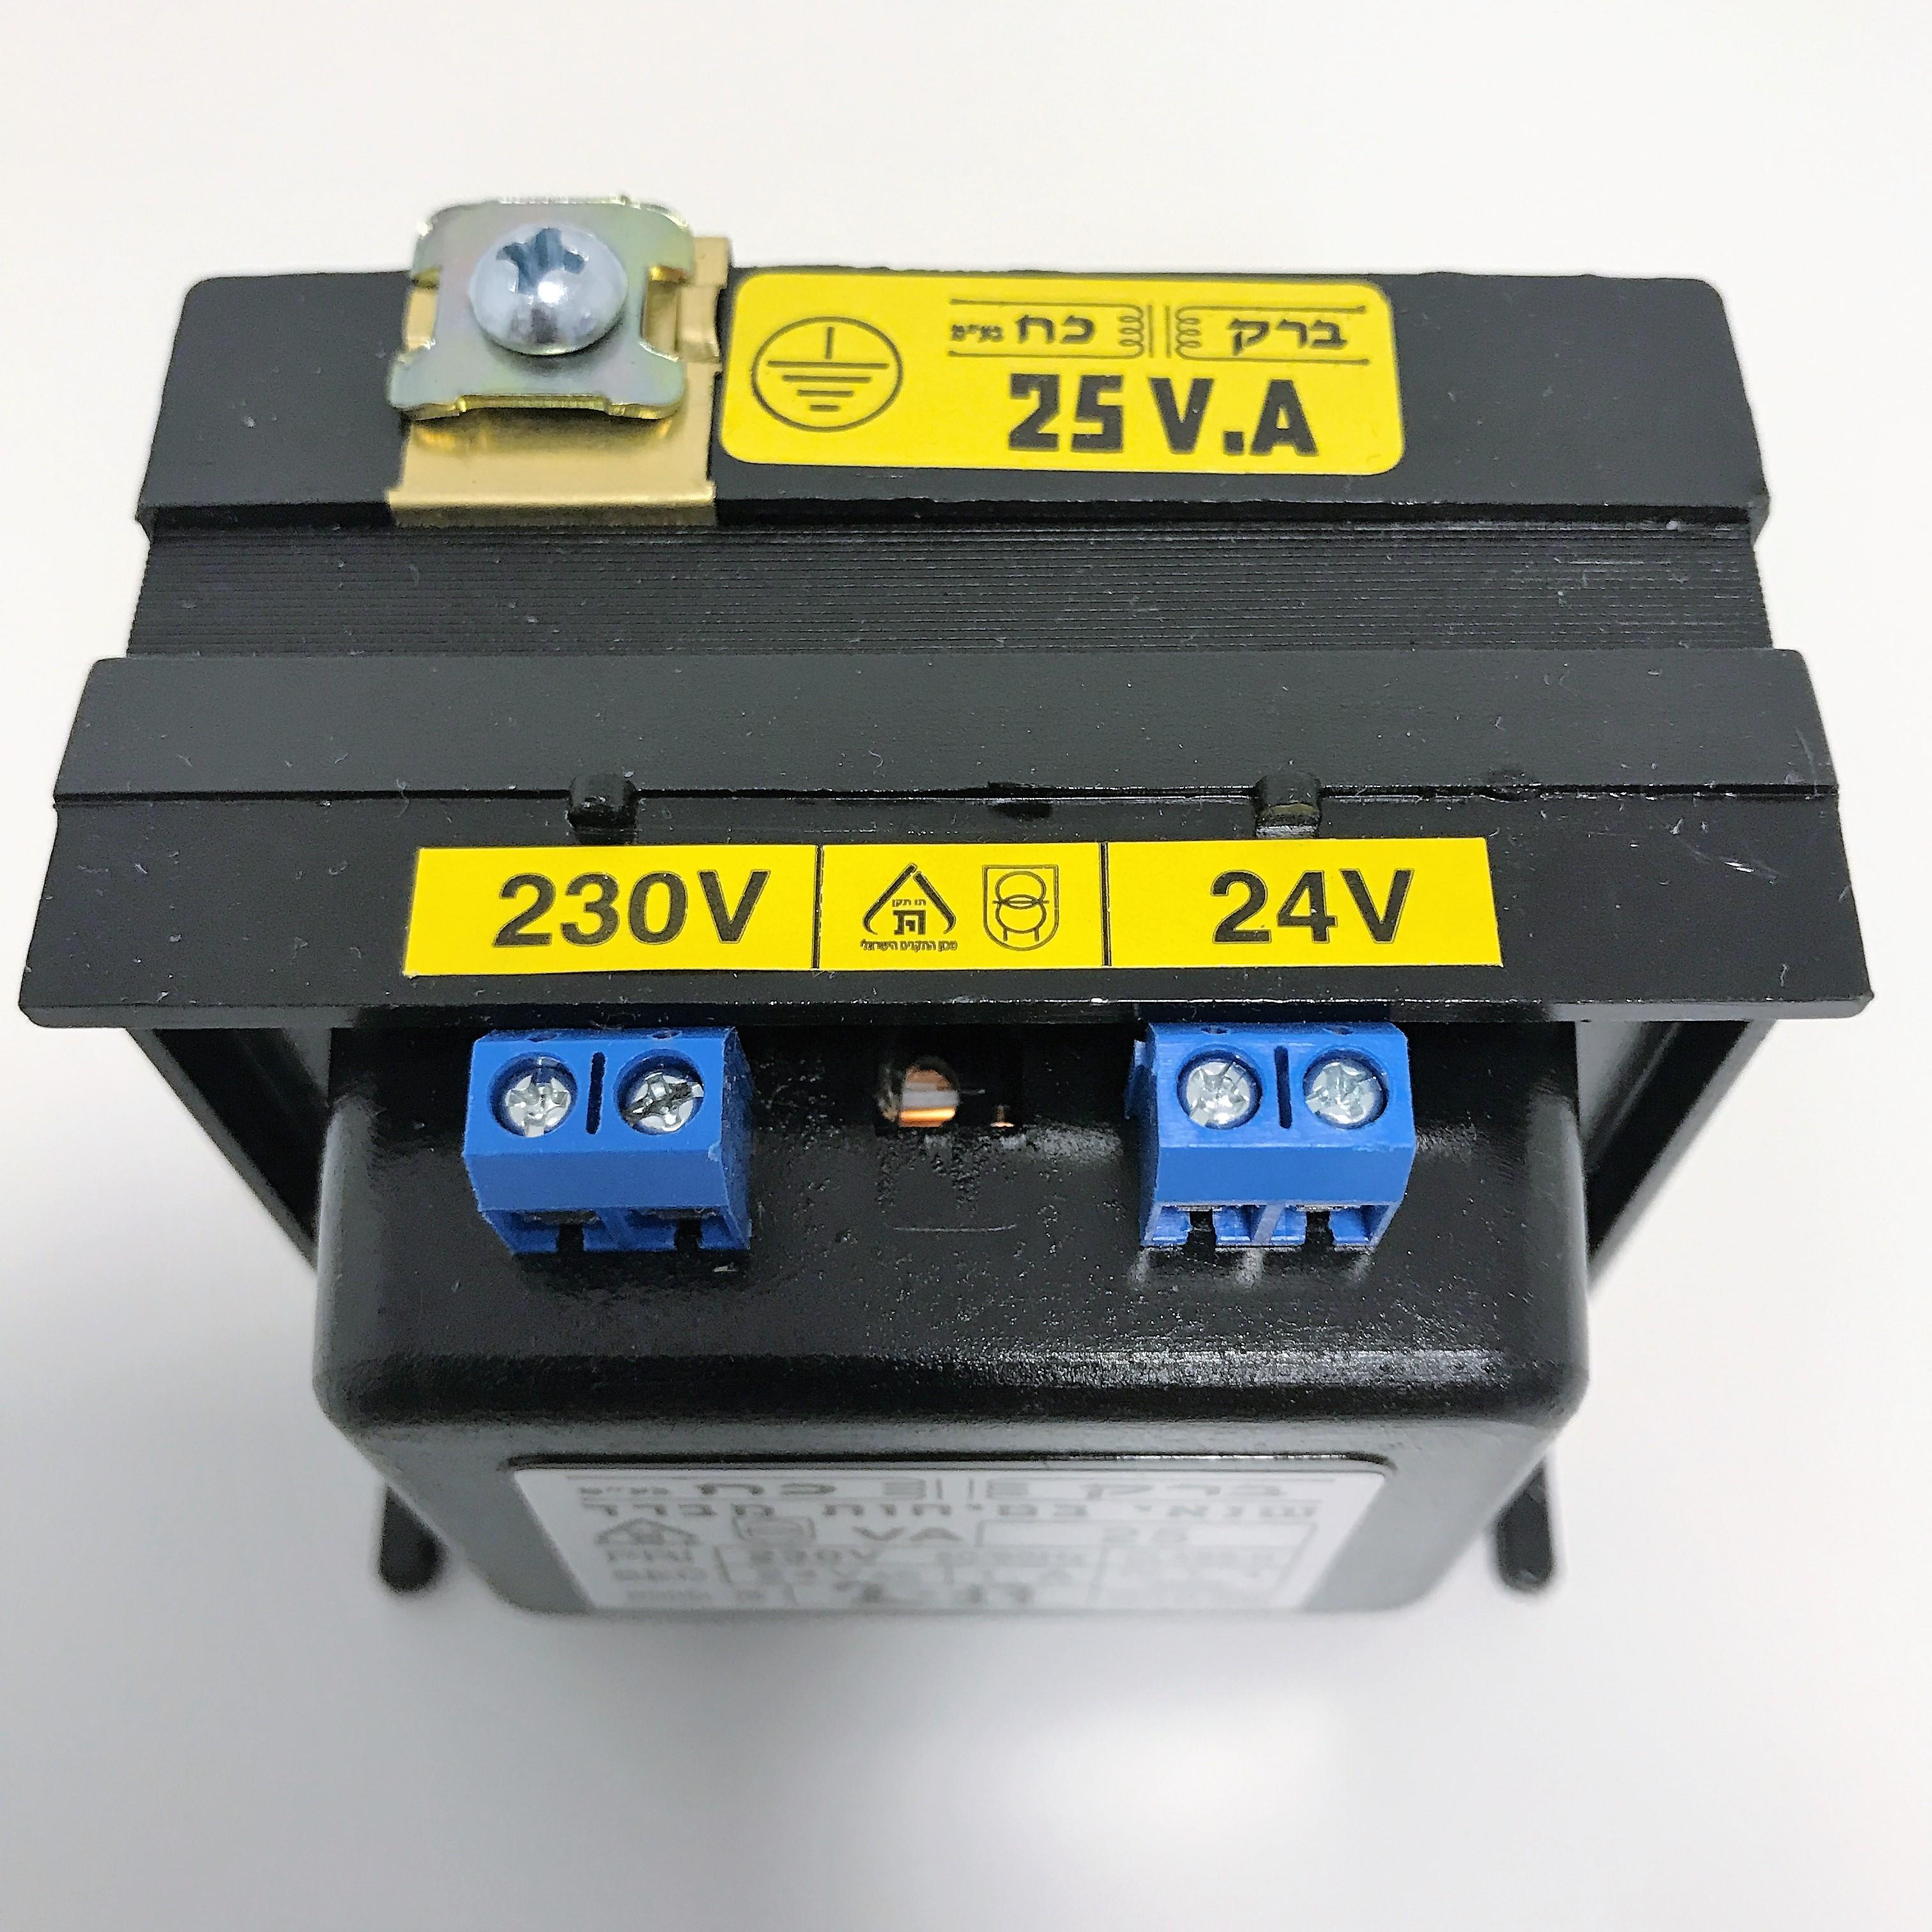 שנאי מבדל בהספק 25VA במתחים 230V-24V